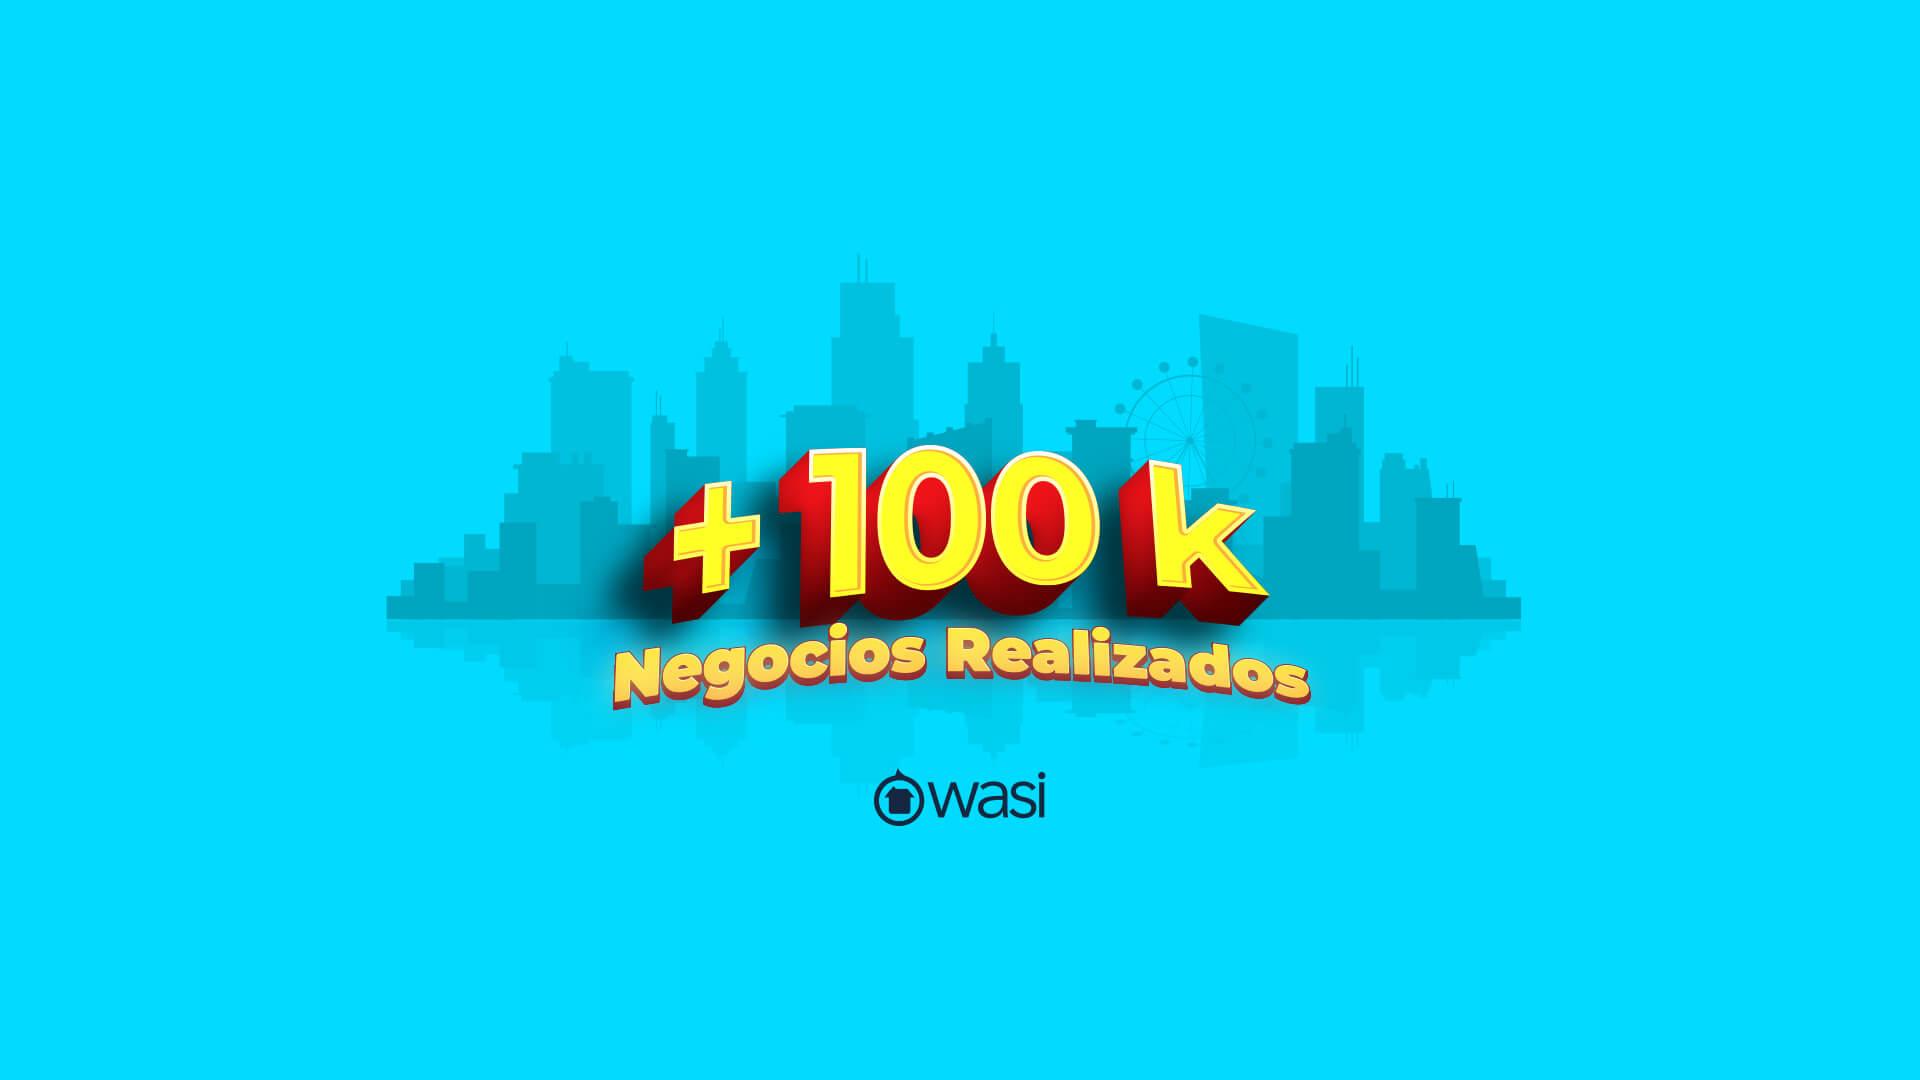 Son más de 100.000 negocios de bienes raíces realizados y seguimos en aumento